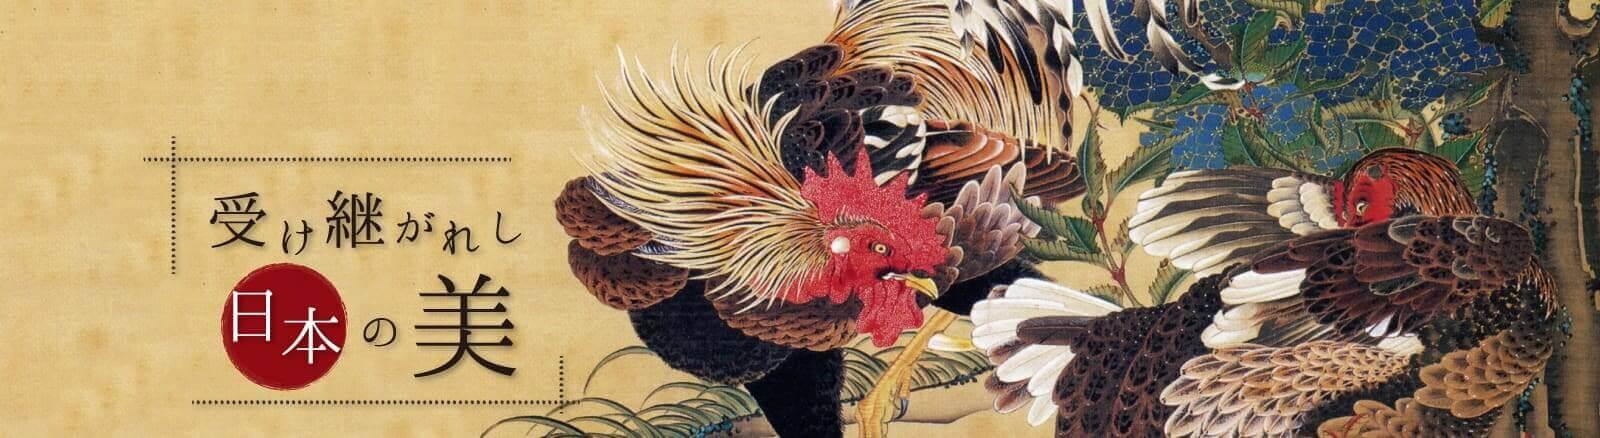 受け継がれし日本の美